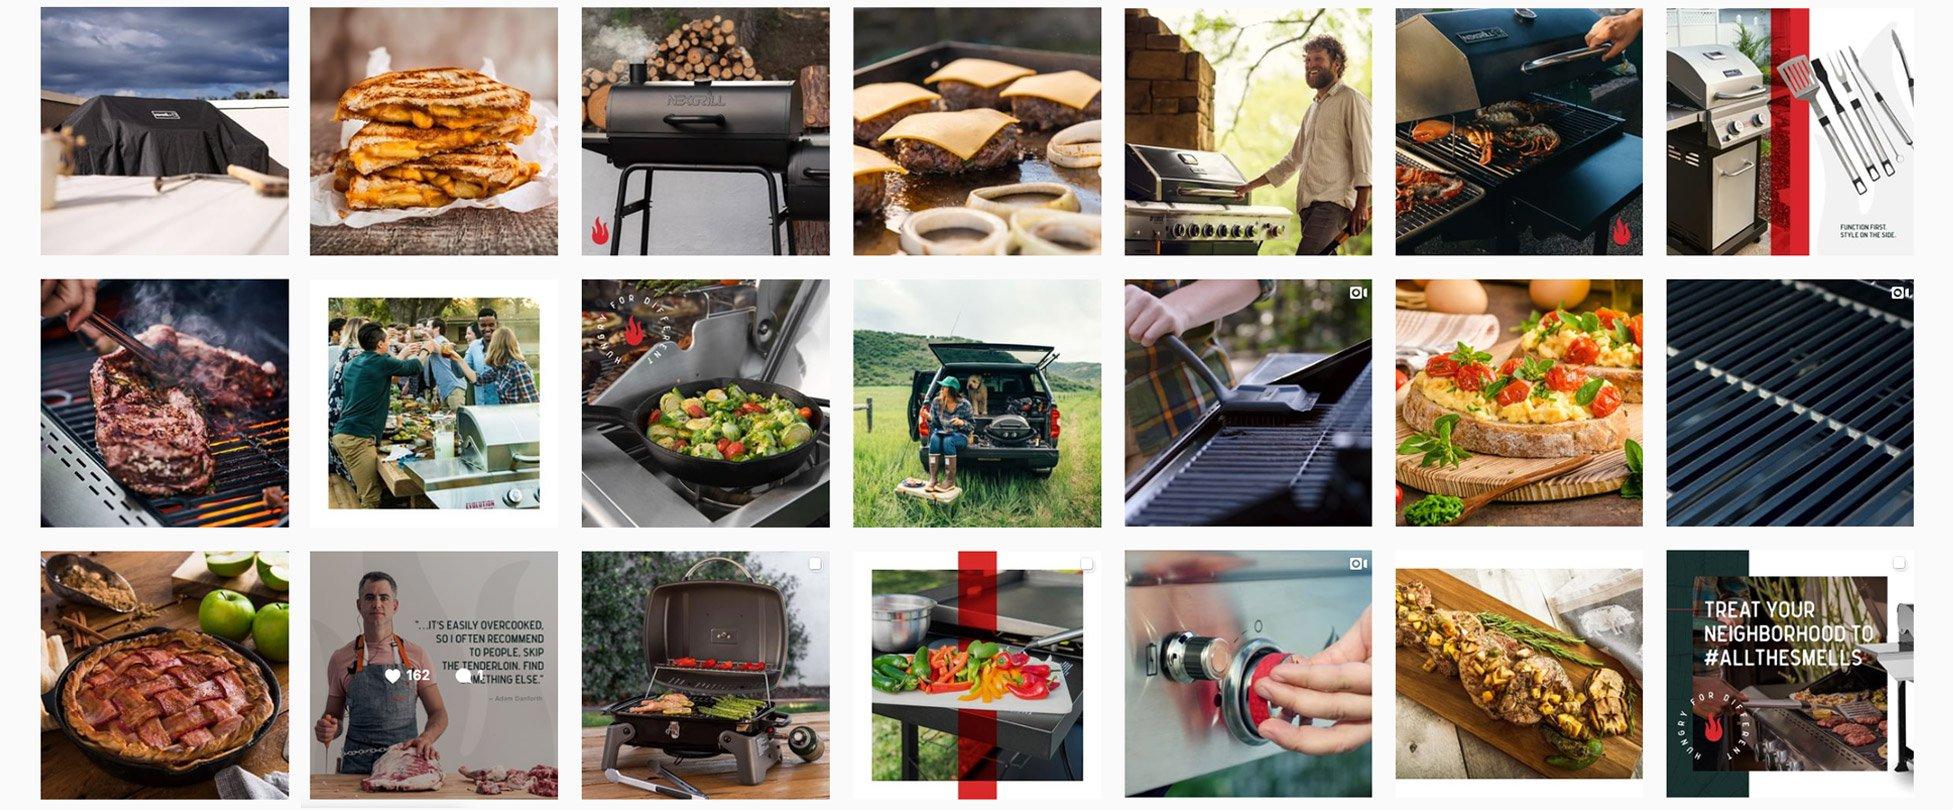 food brand social media marketing